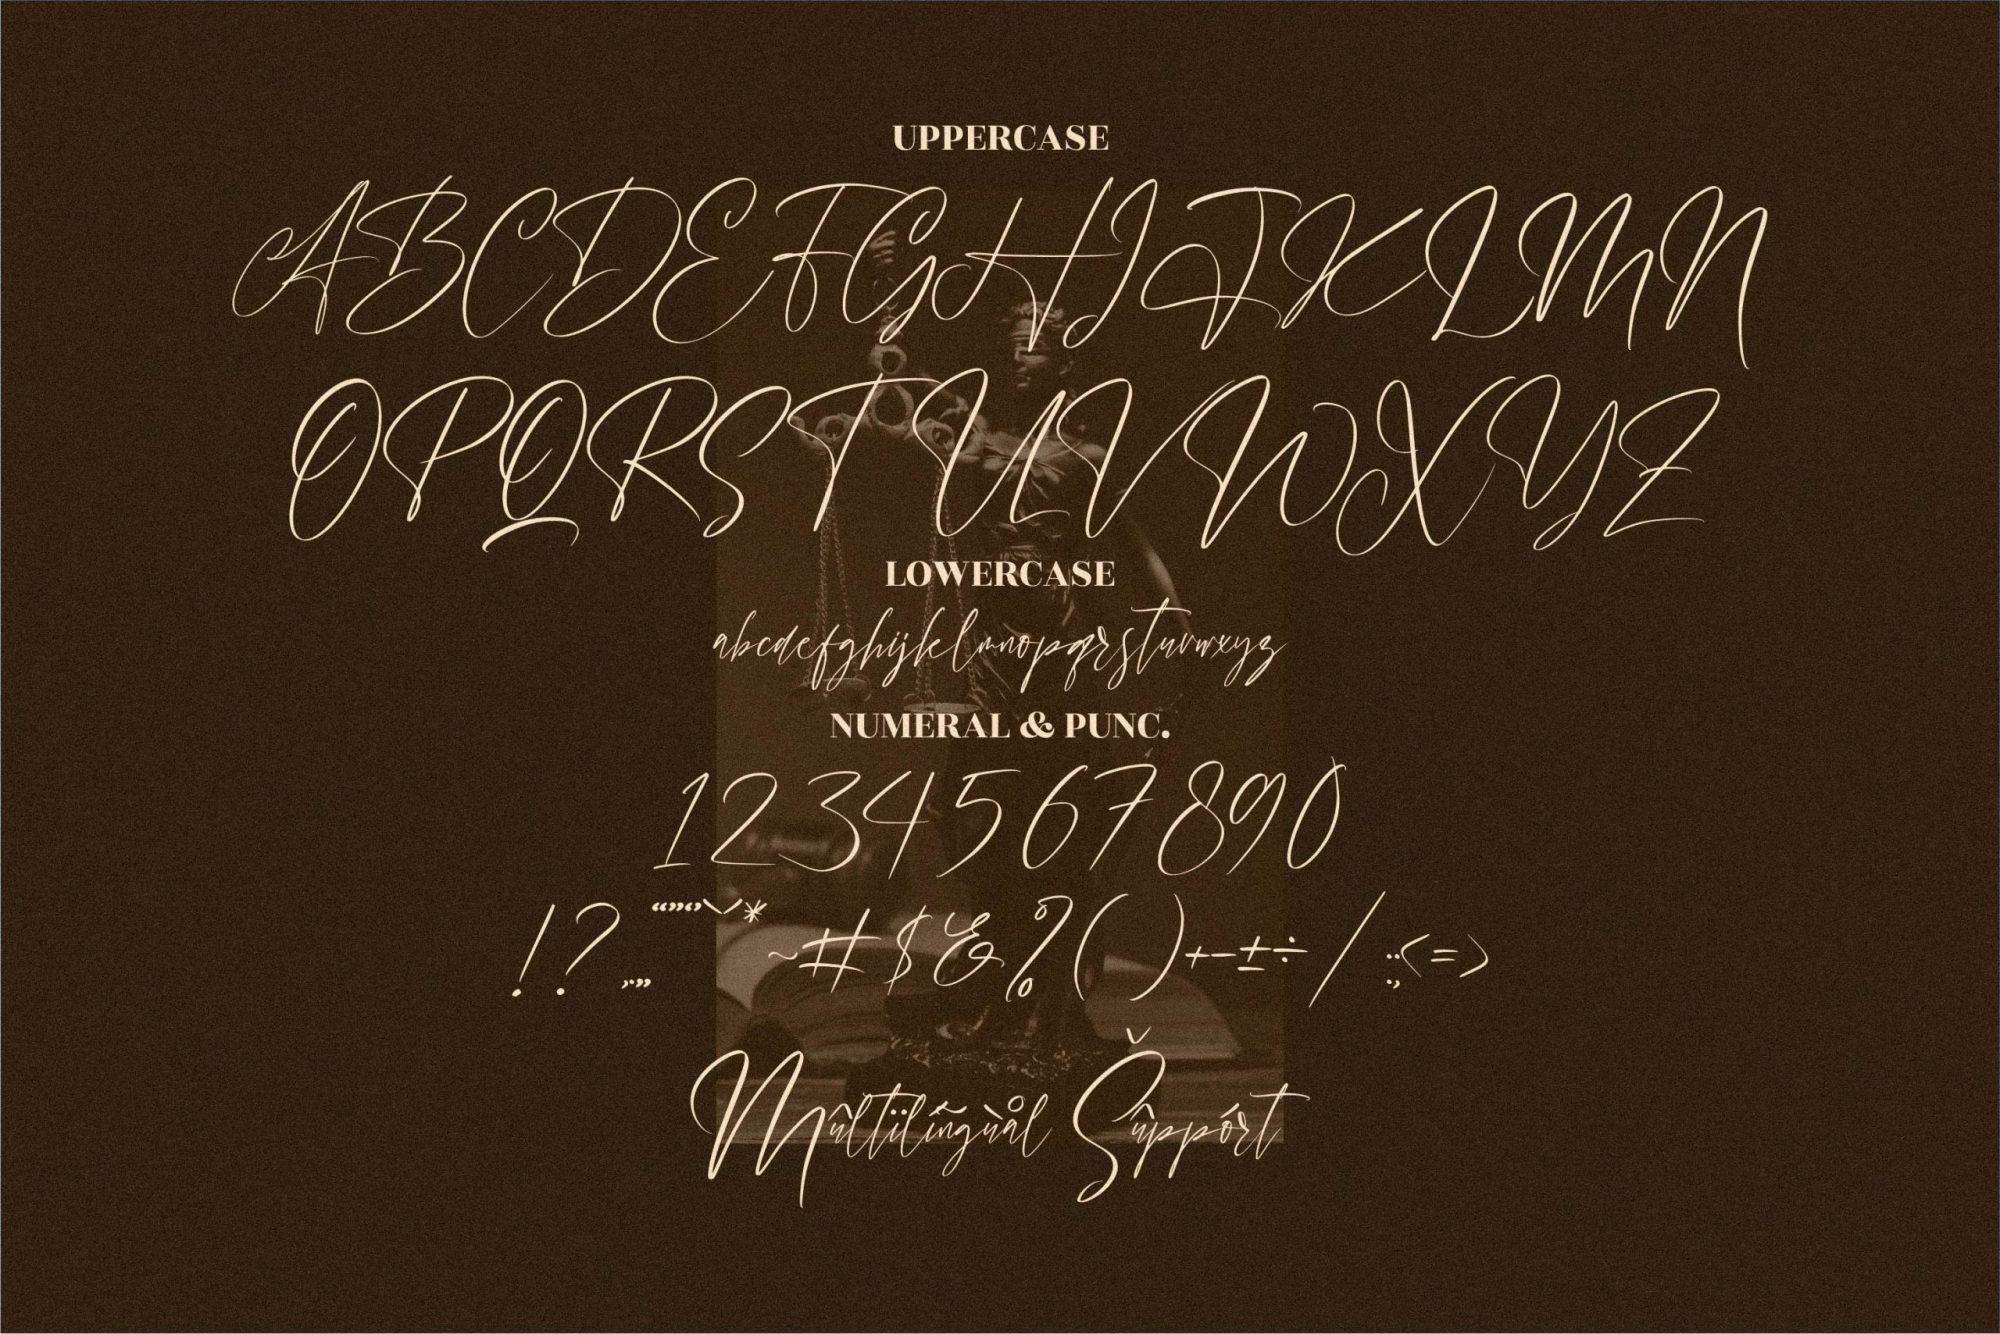 Handover-Signature-Font-3